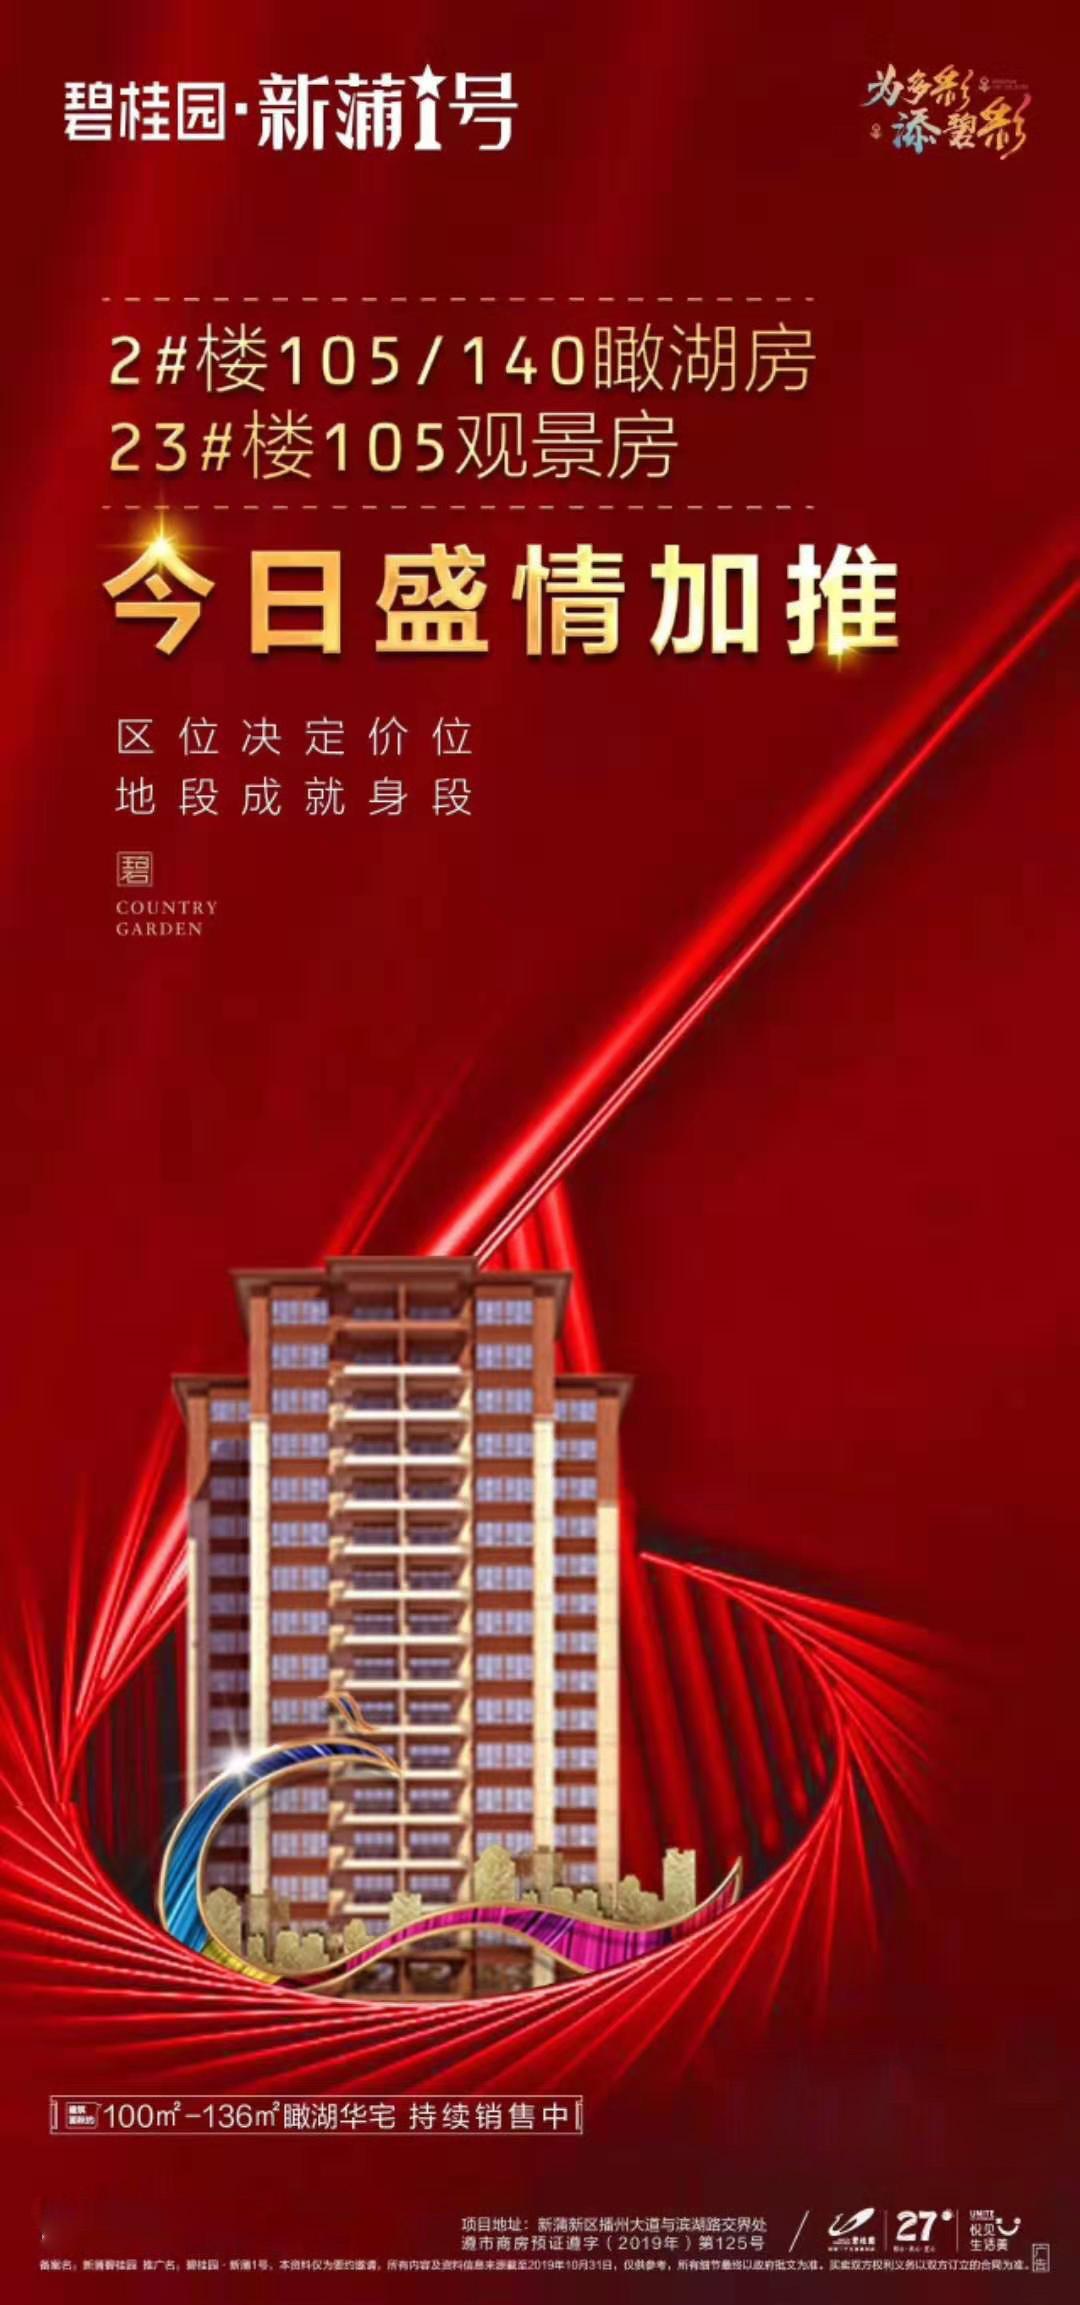 碧桂园•新蒲1号:全新楼栋 应市加推 多重好礼 全城送不停-中国网地产